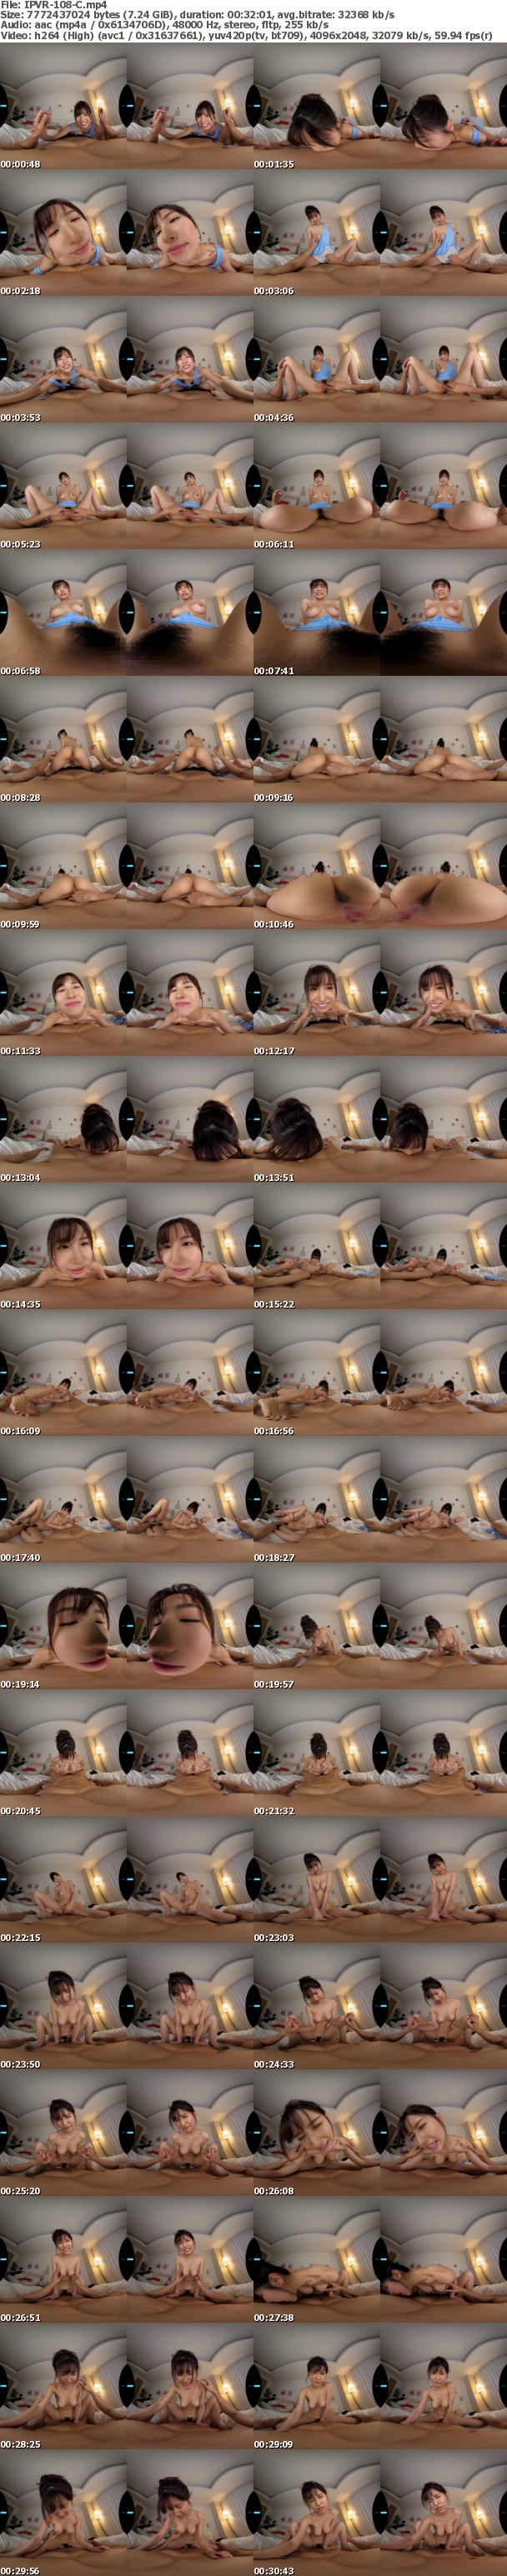 (VR) IPVR-108 「おっぱい見たかったんでしょ?」 終電逃がし、美人女上司の家にお泊まり!?ノーパンノーブラ部屋着に興奮したアナタは… 2D大ヒット作品VR化!! 桜空もも